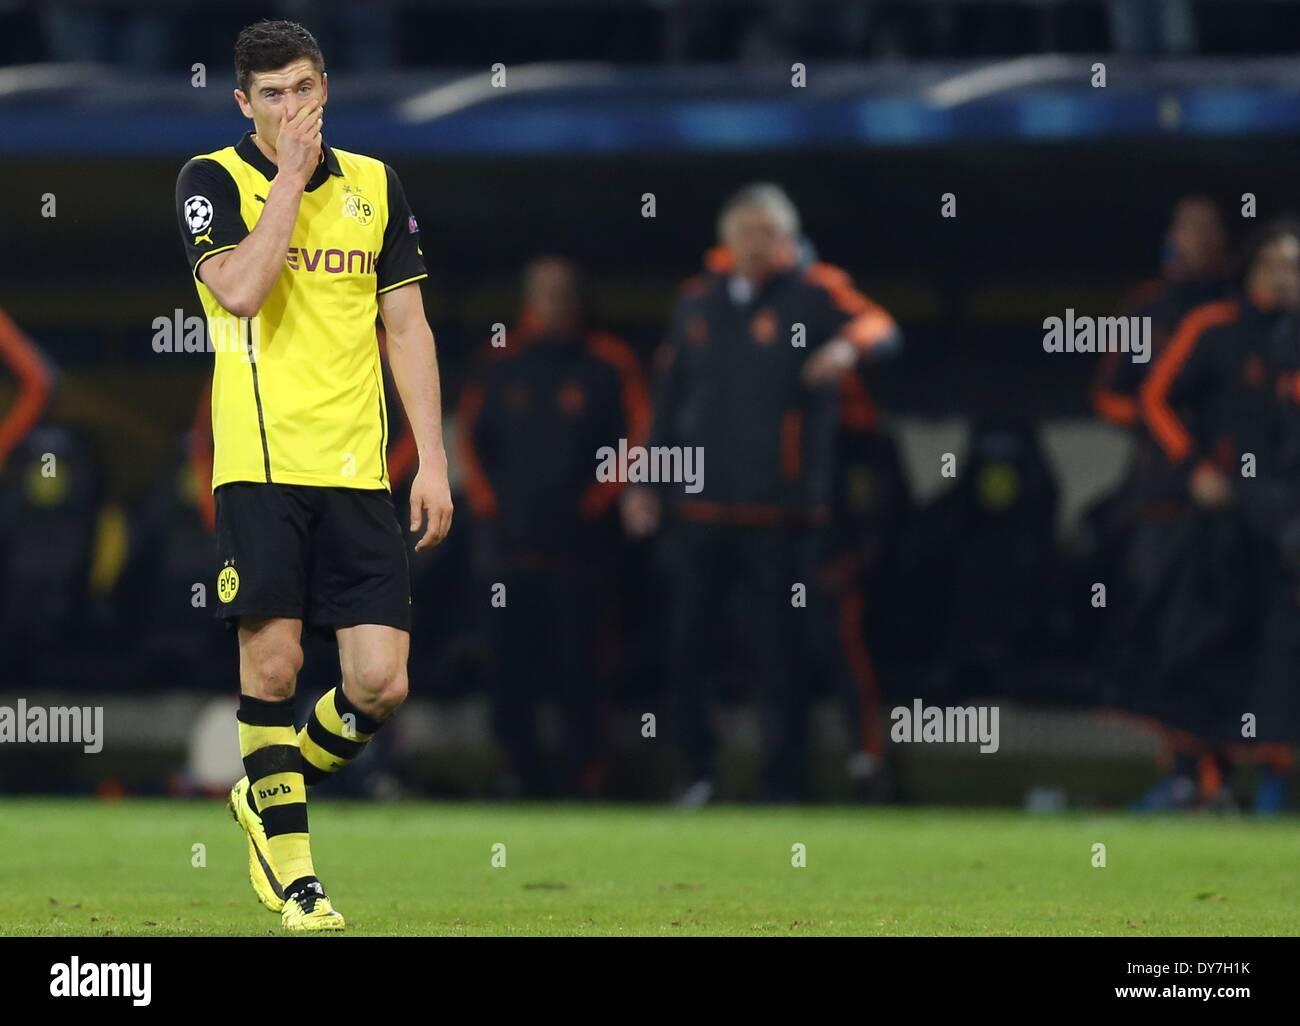 Dortmund, Alemania. 08 abr, 2014. Dortmund Robert Lewandowski ...